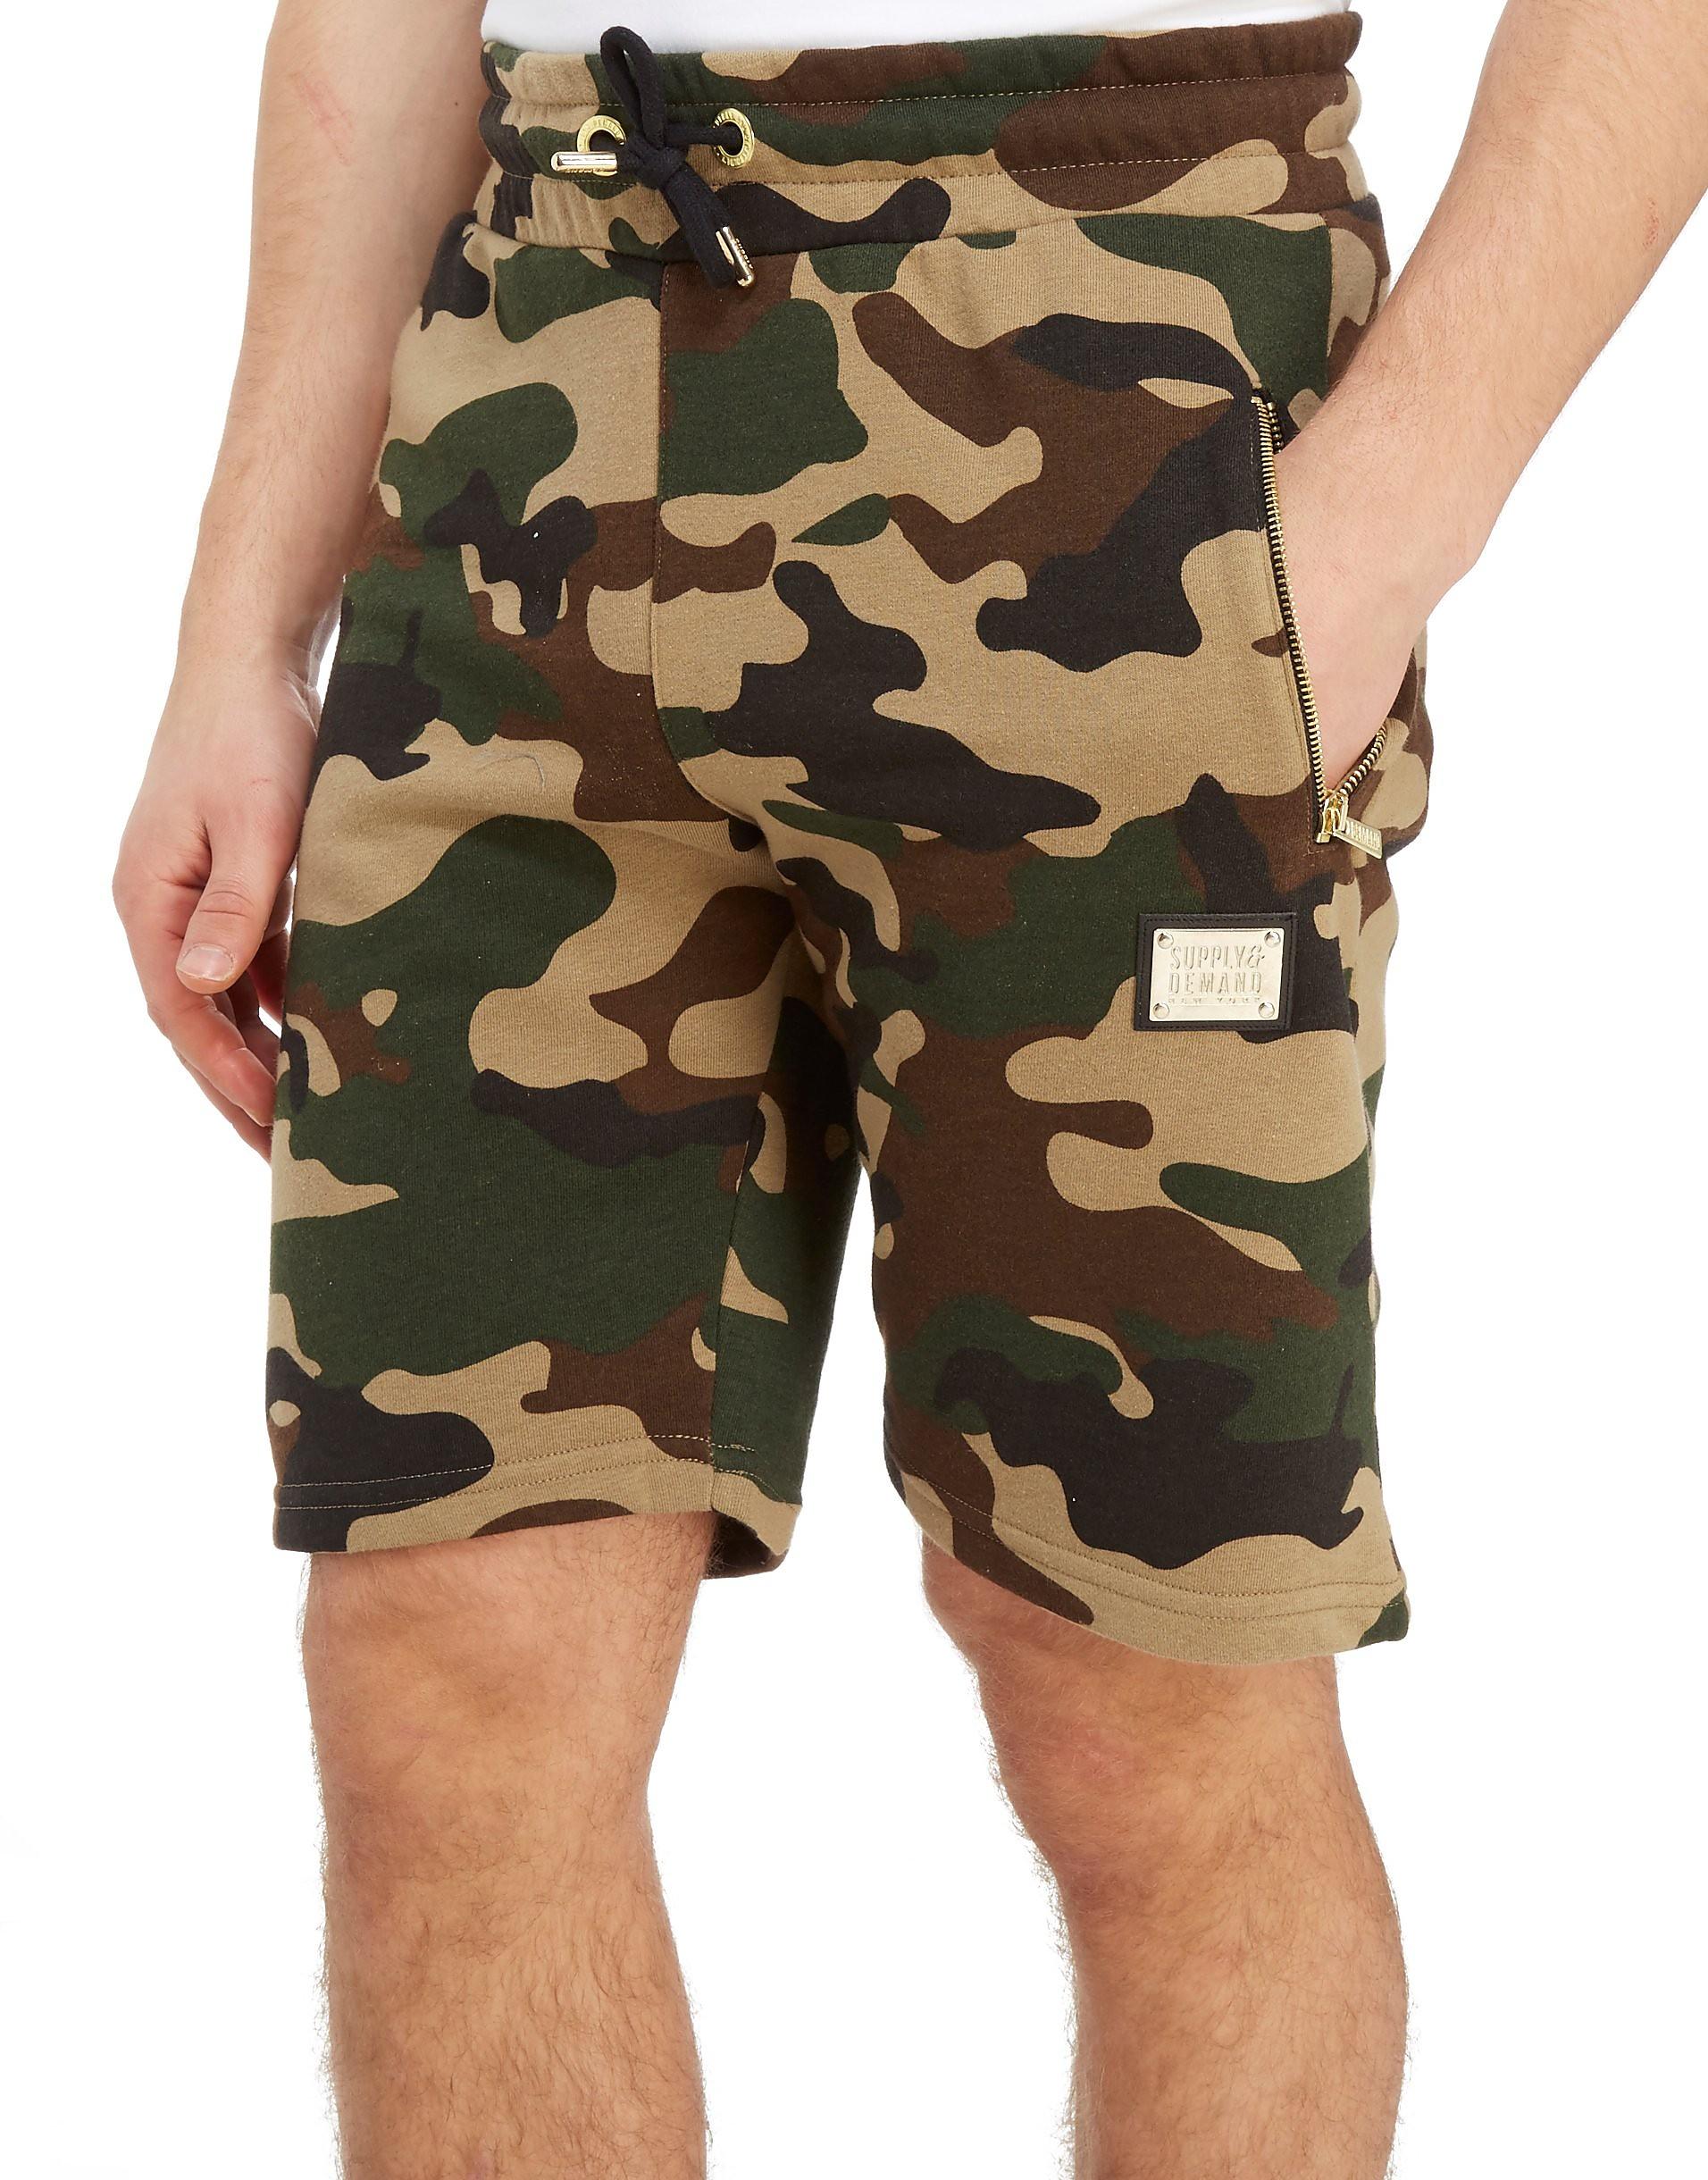 Supply & Demand Nova Loop Shorts